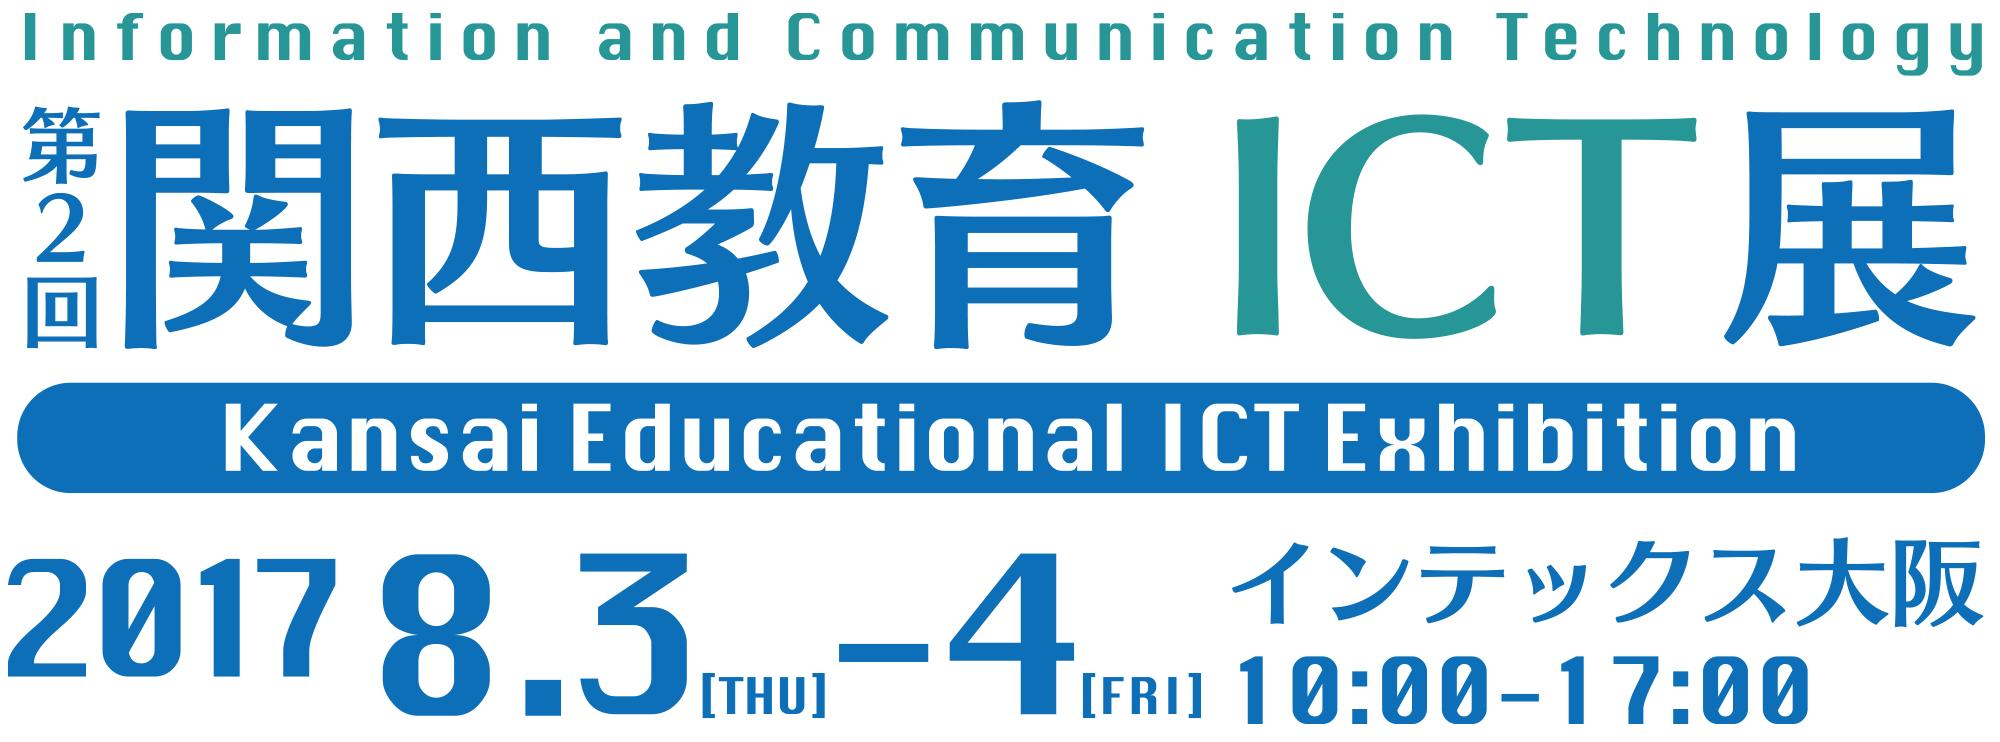 第2回関西教育ICT展